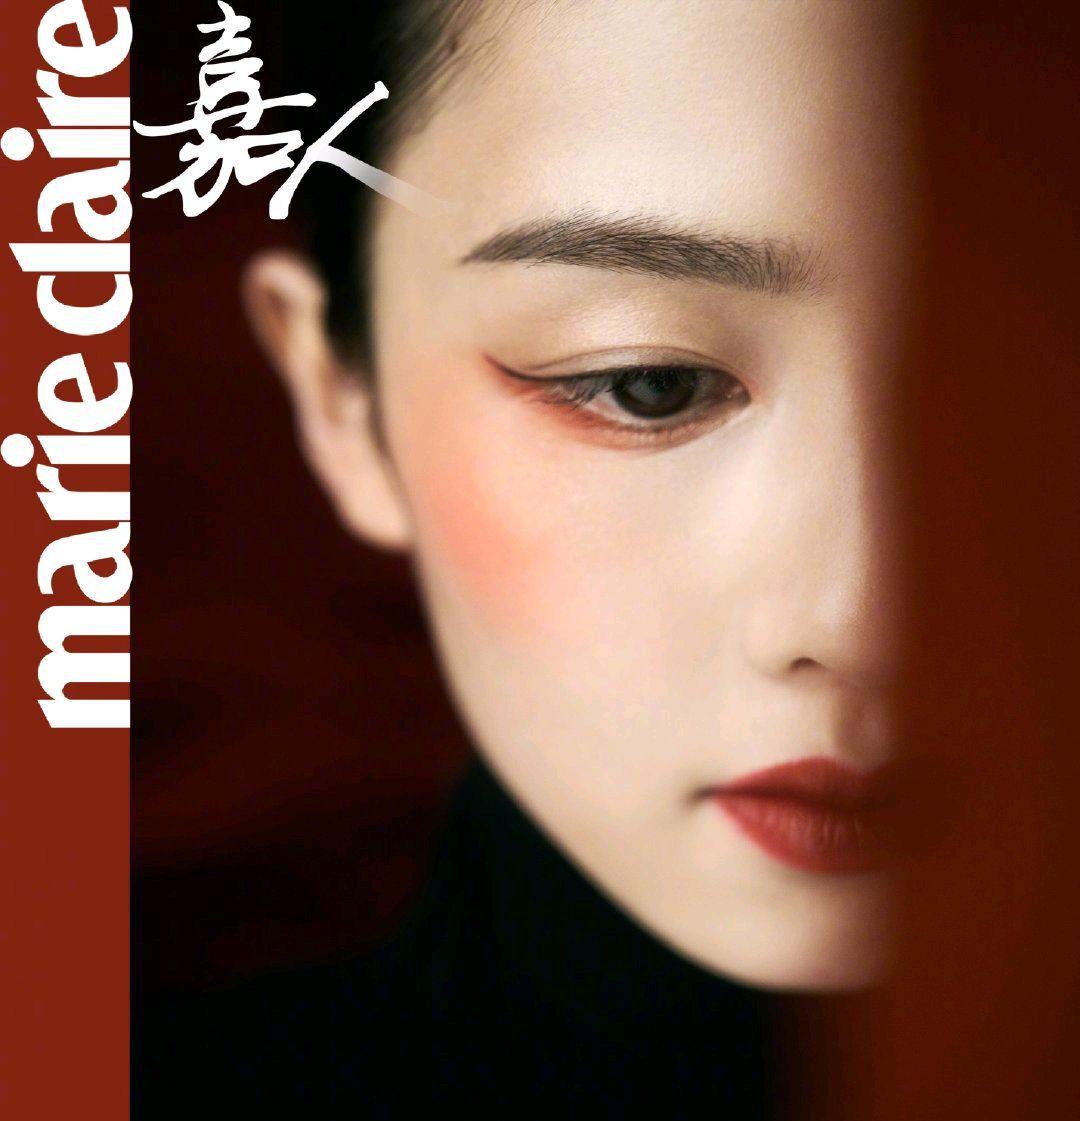 海内外美妆博主争相模仿的中国妆容,白皙底妆浓郁红唇是重点